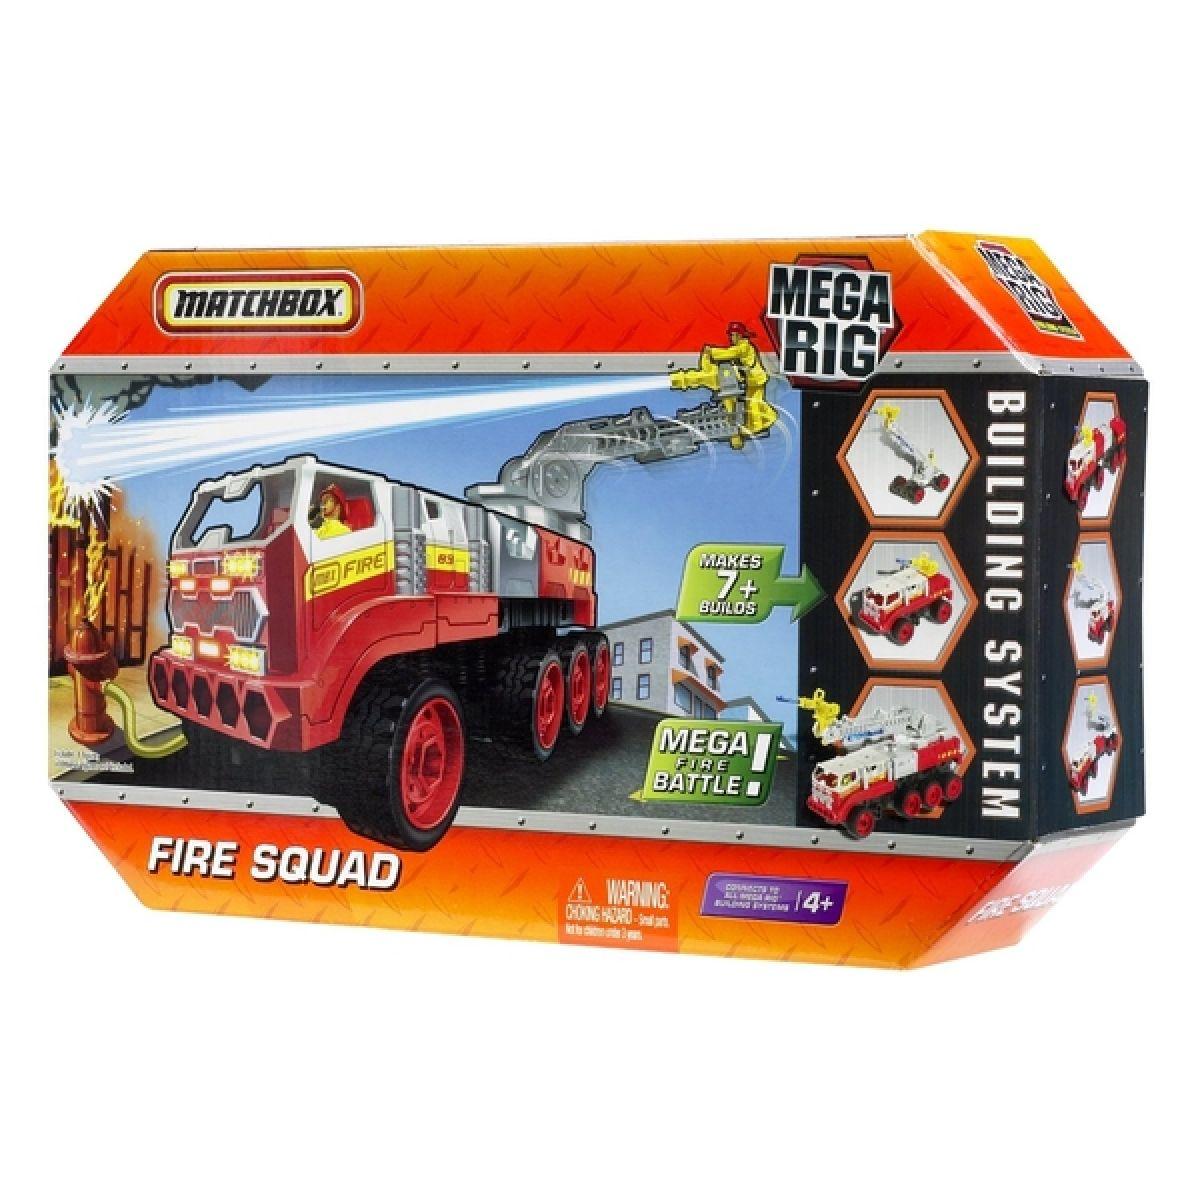 Matchbox Mega Rig 7v1 Mattel R4338